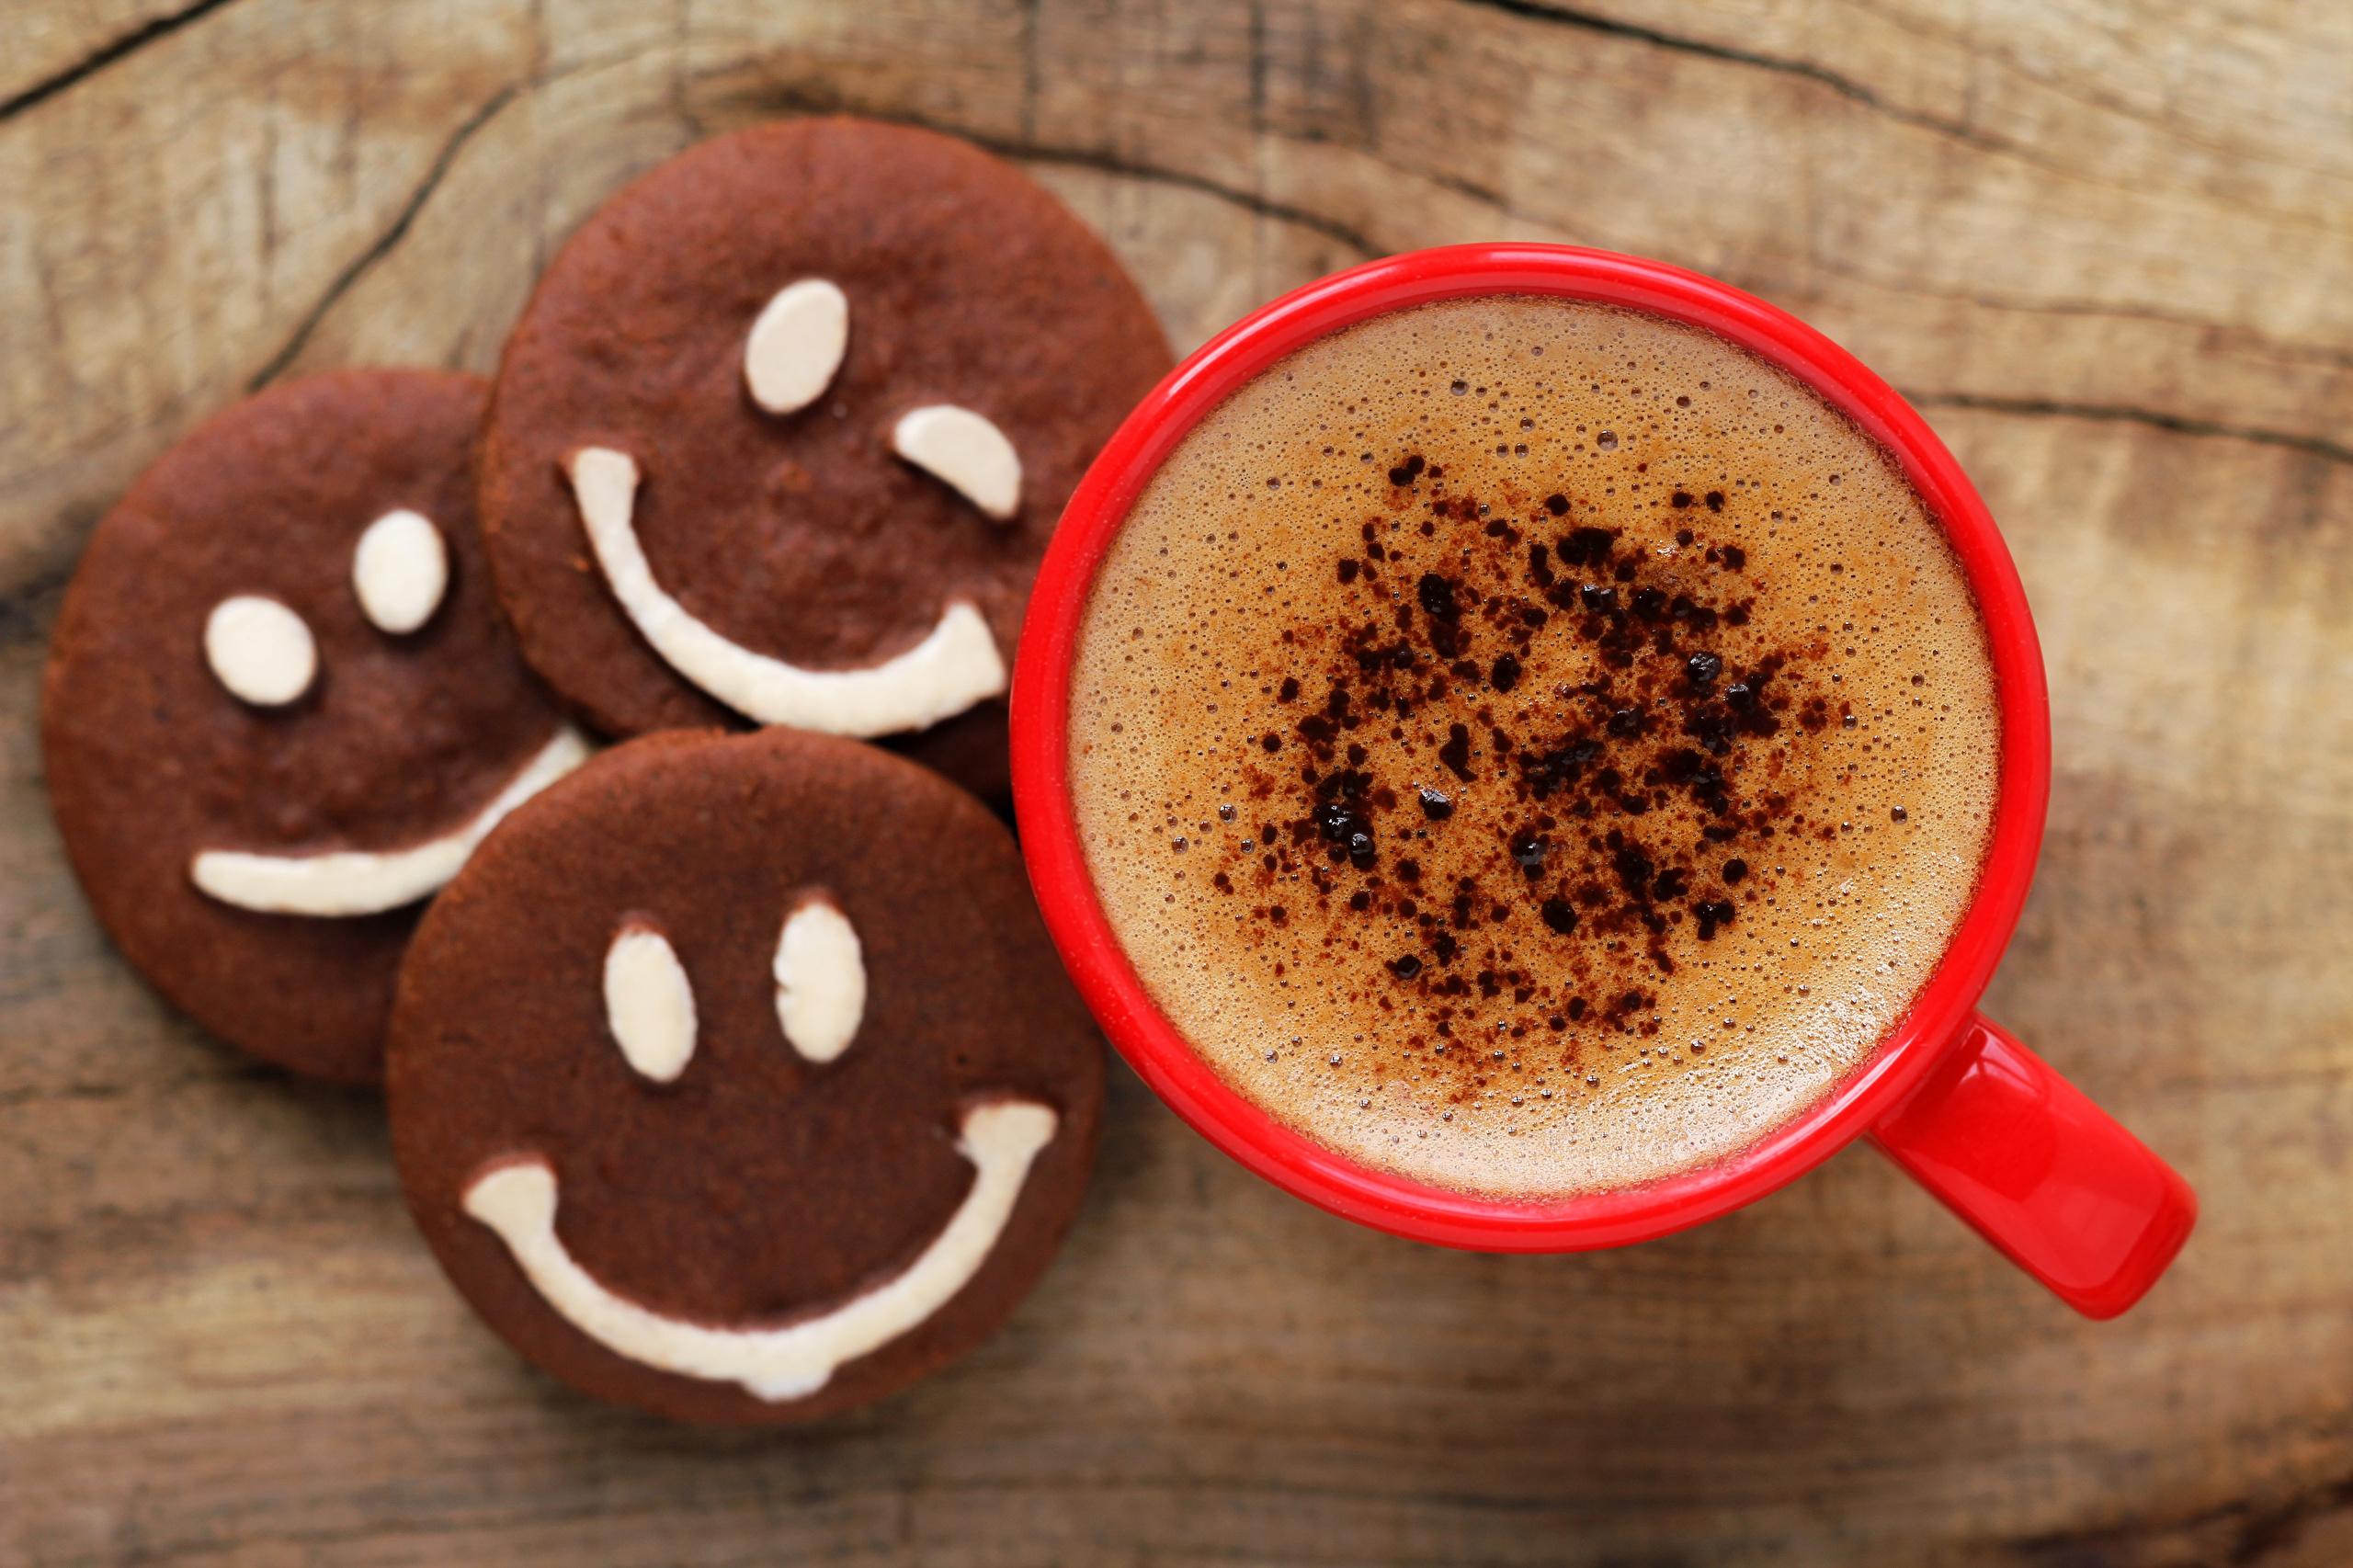 http://s1.1zoom.ru/big7/404/Drinks_Coffee_Cookies_473563.jpg